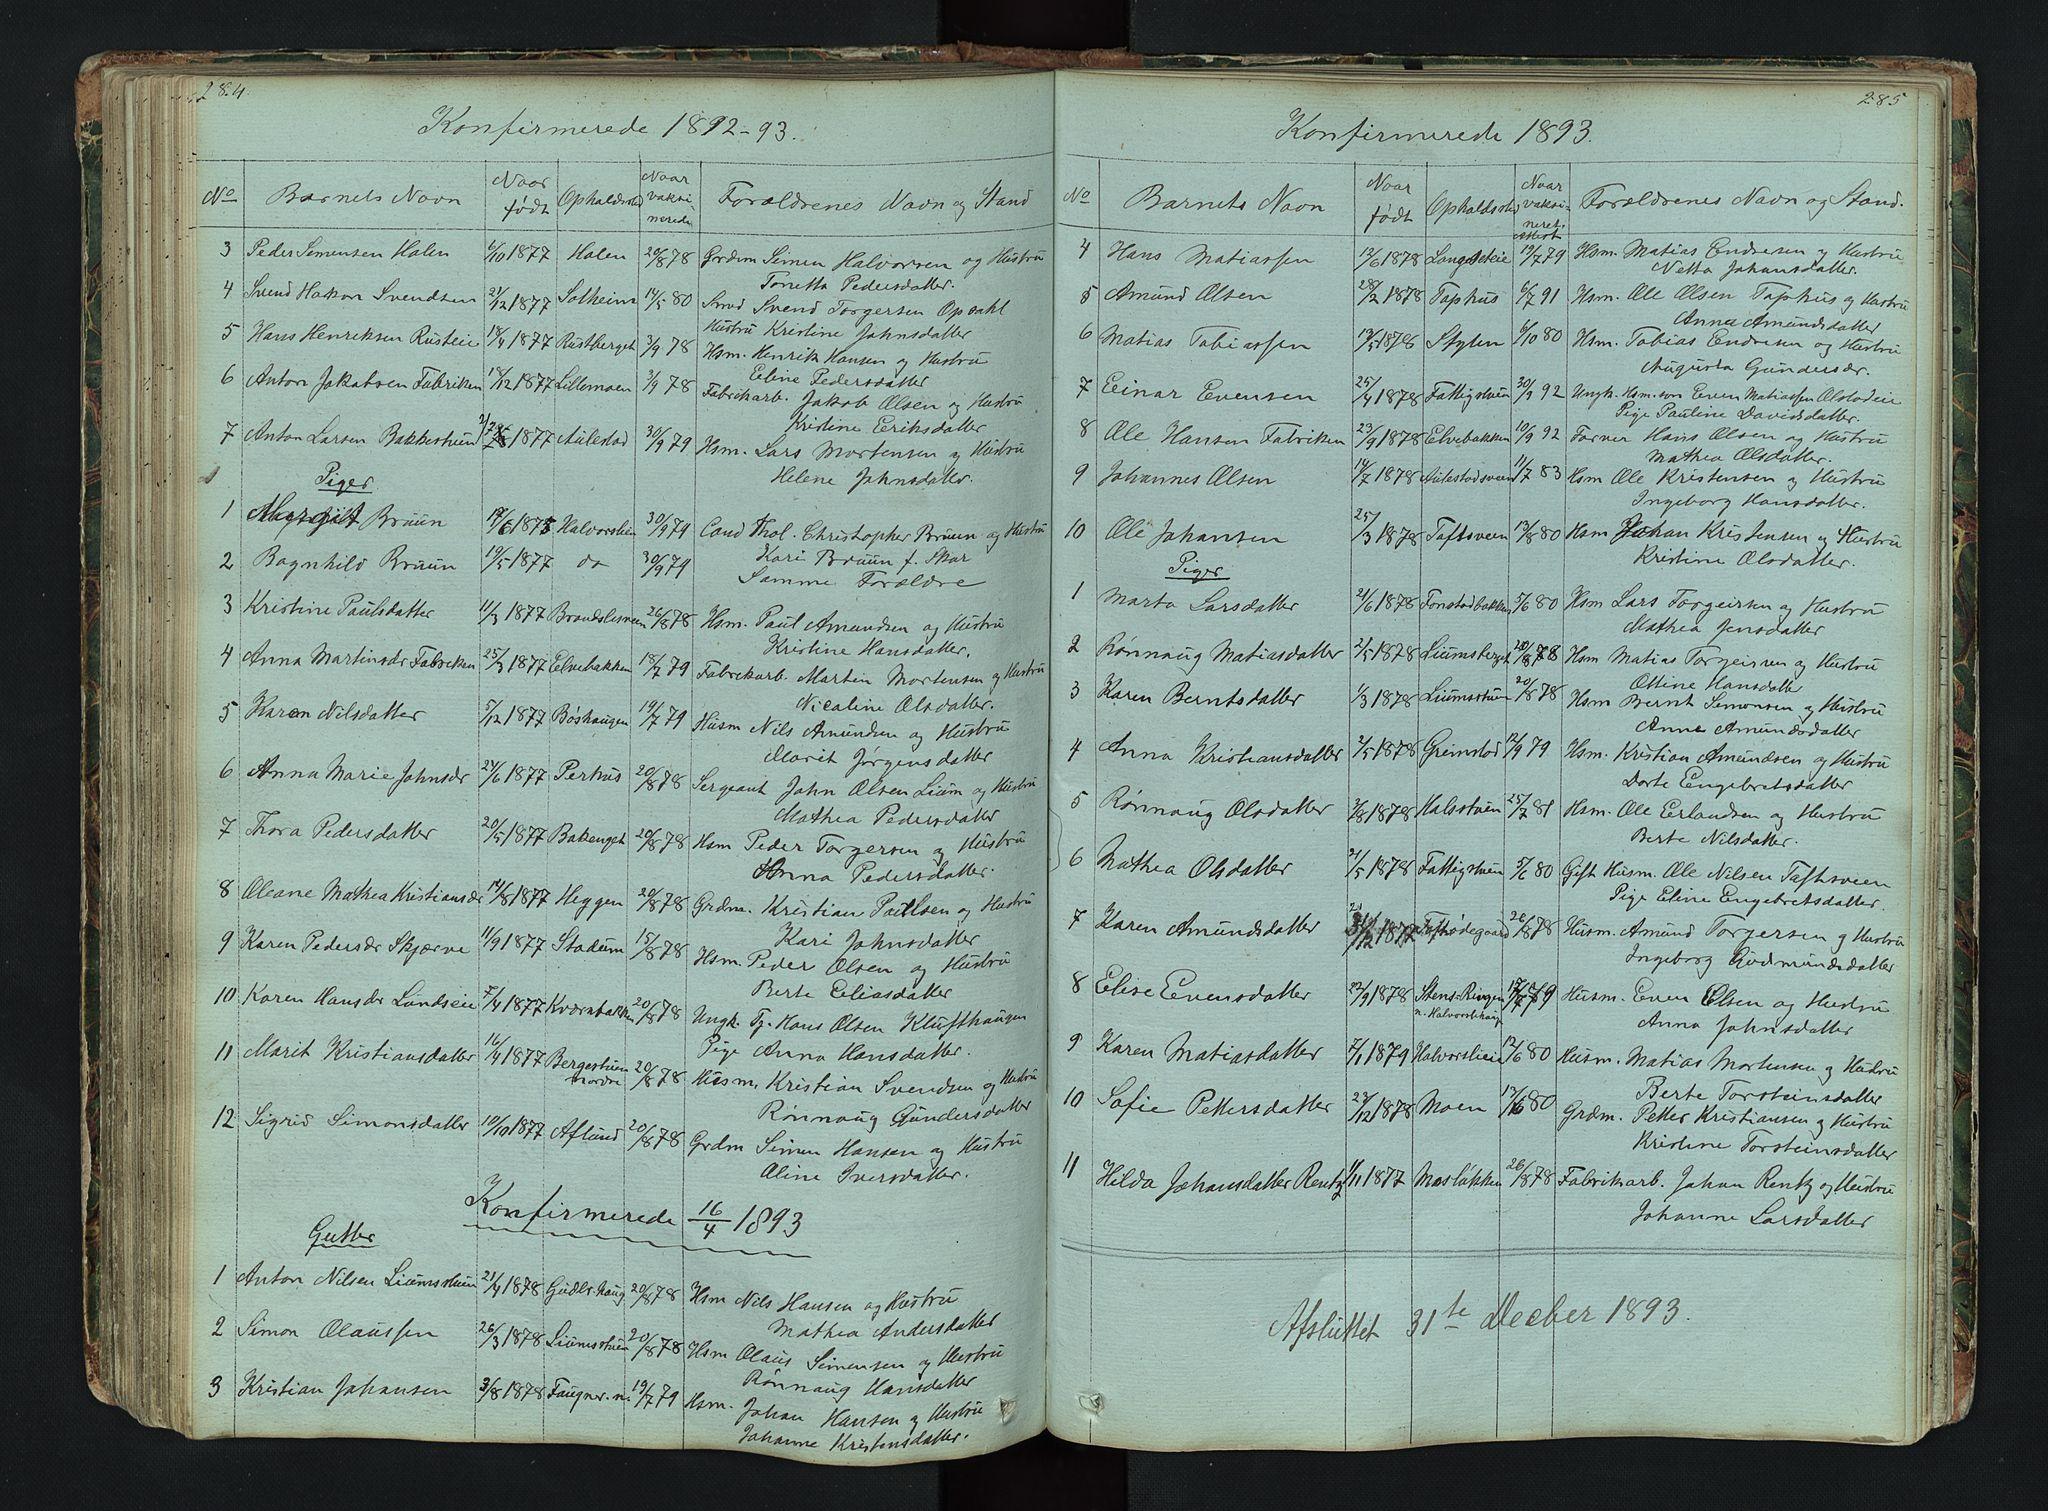 SAH, Gausdal prestekontor, Klokkerbok nr. 6, 1846-1893, s. 284-285